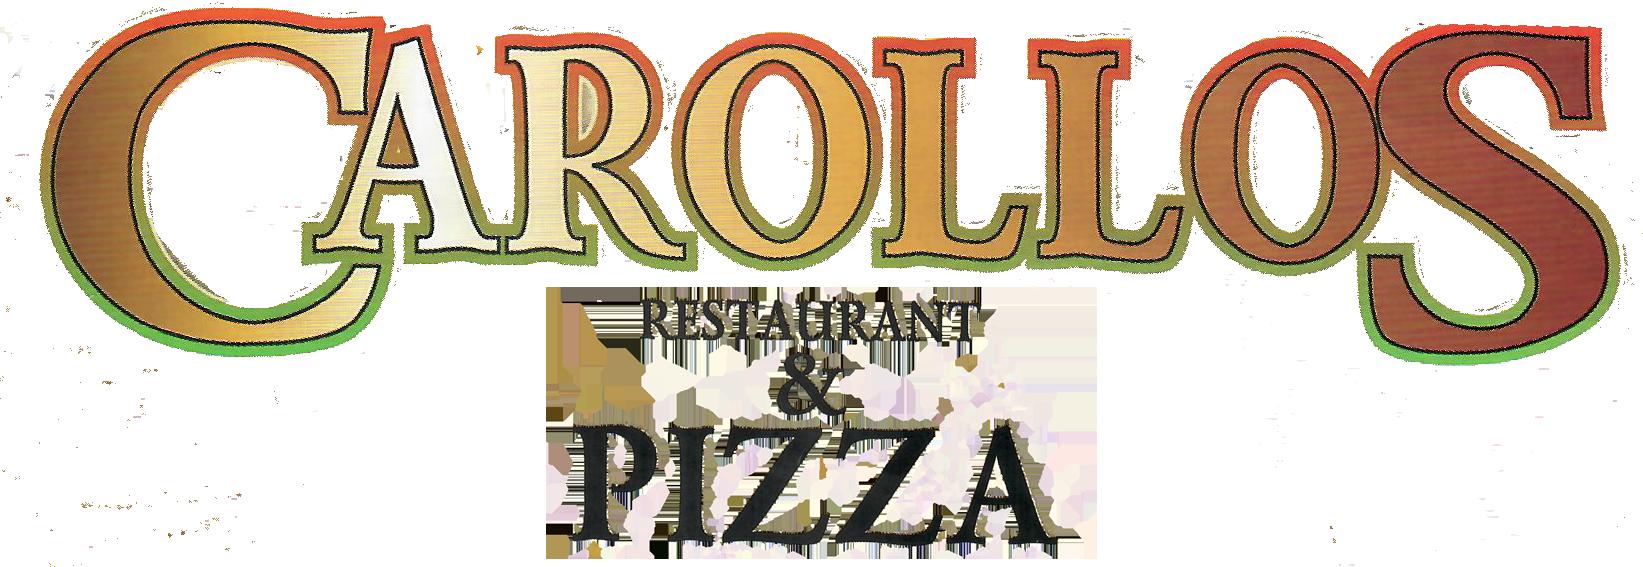 Carollos Restaurant & Pizza